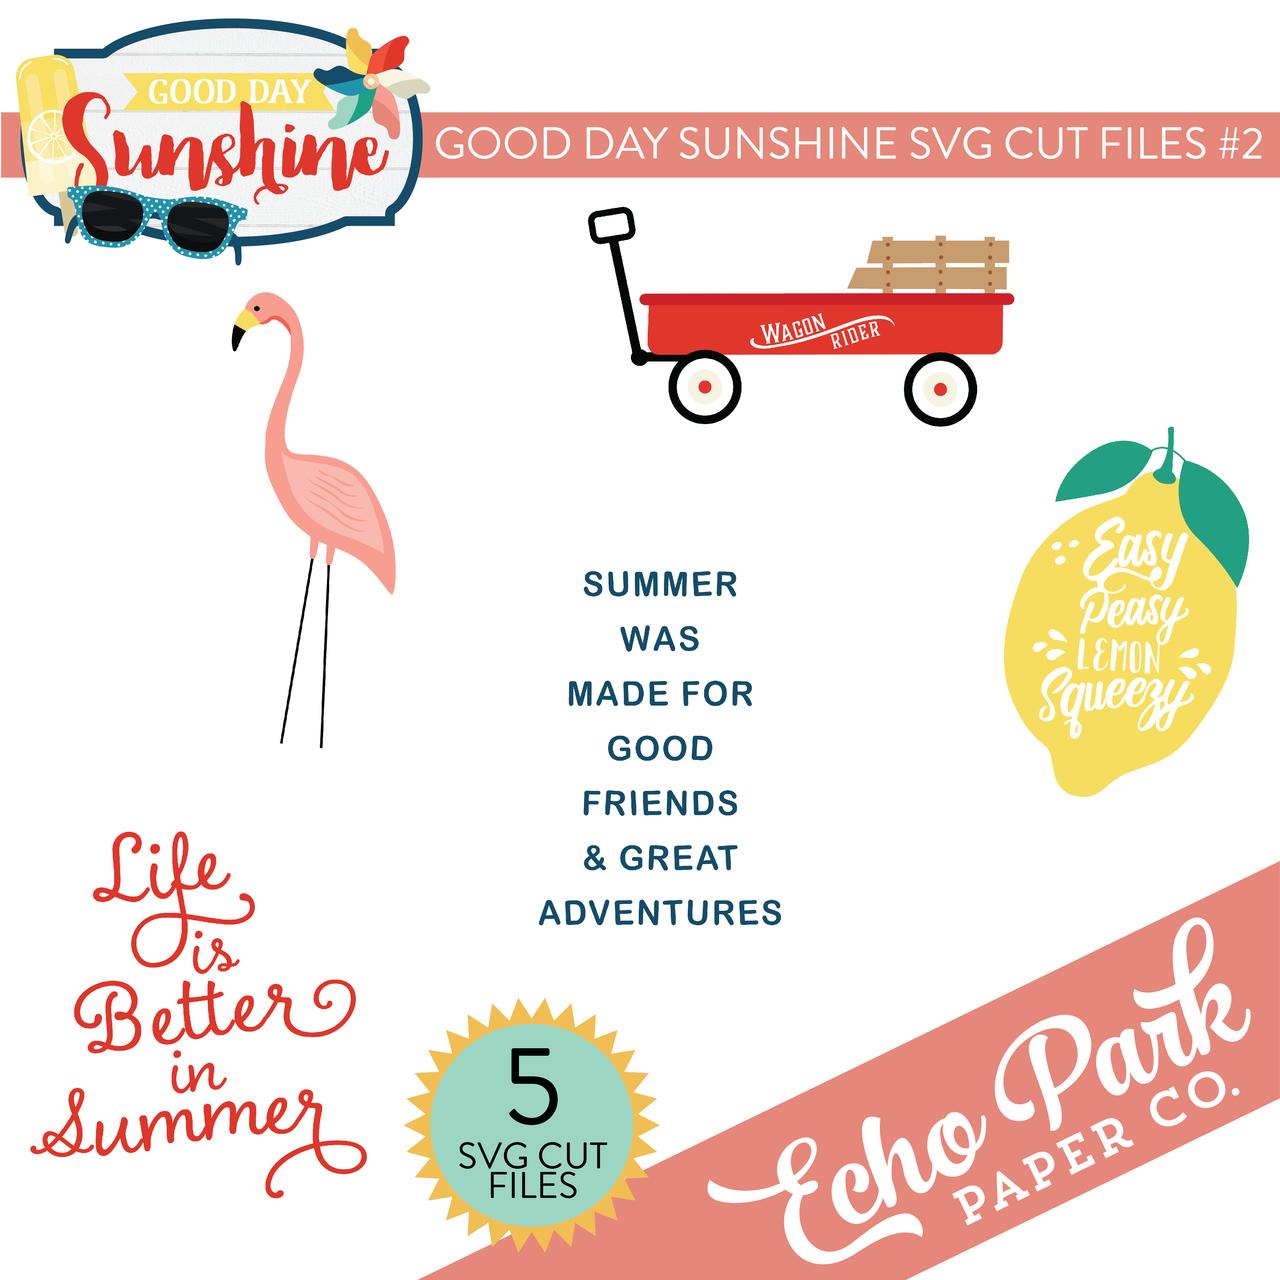 Good Day Sunshine SVG Cut Files #2